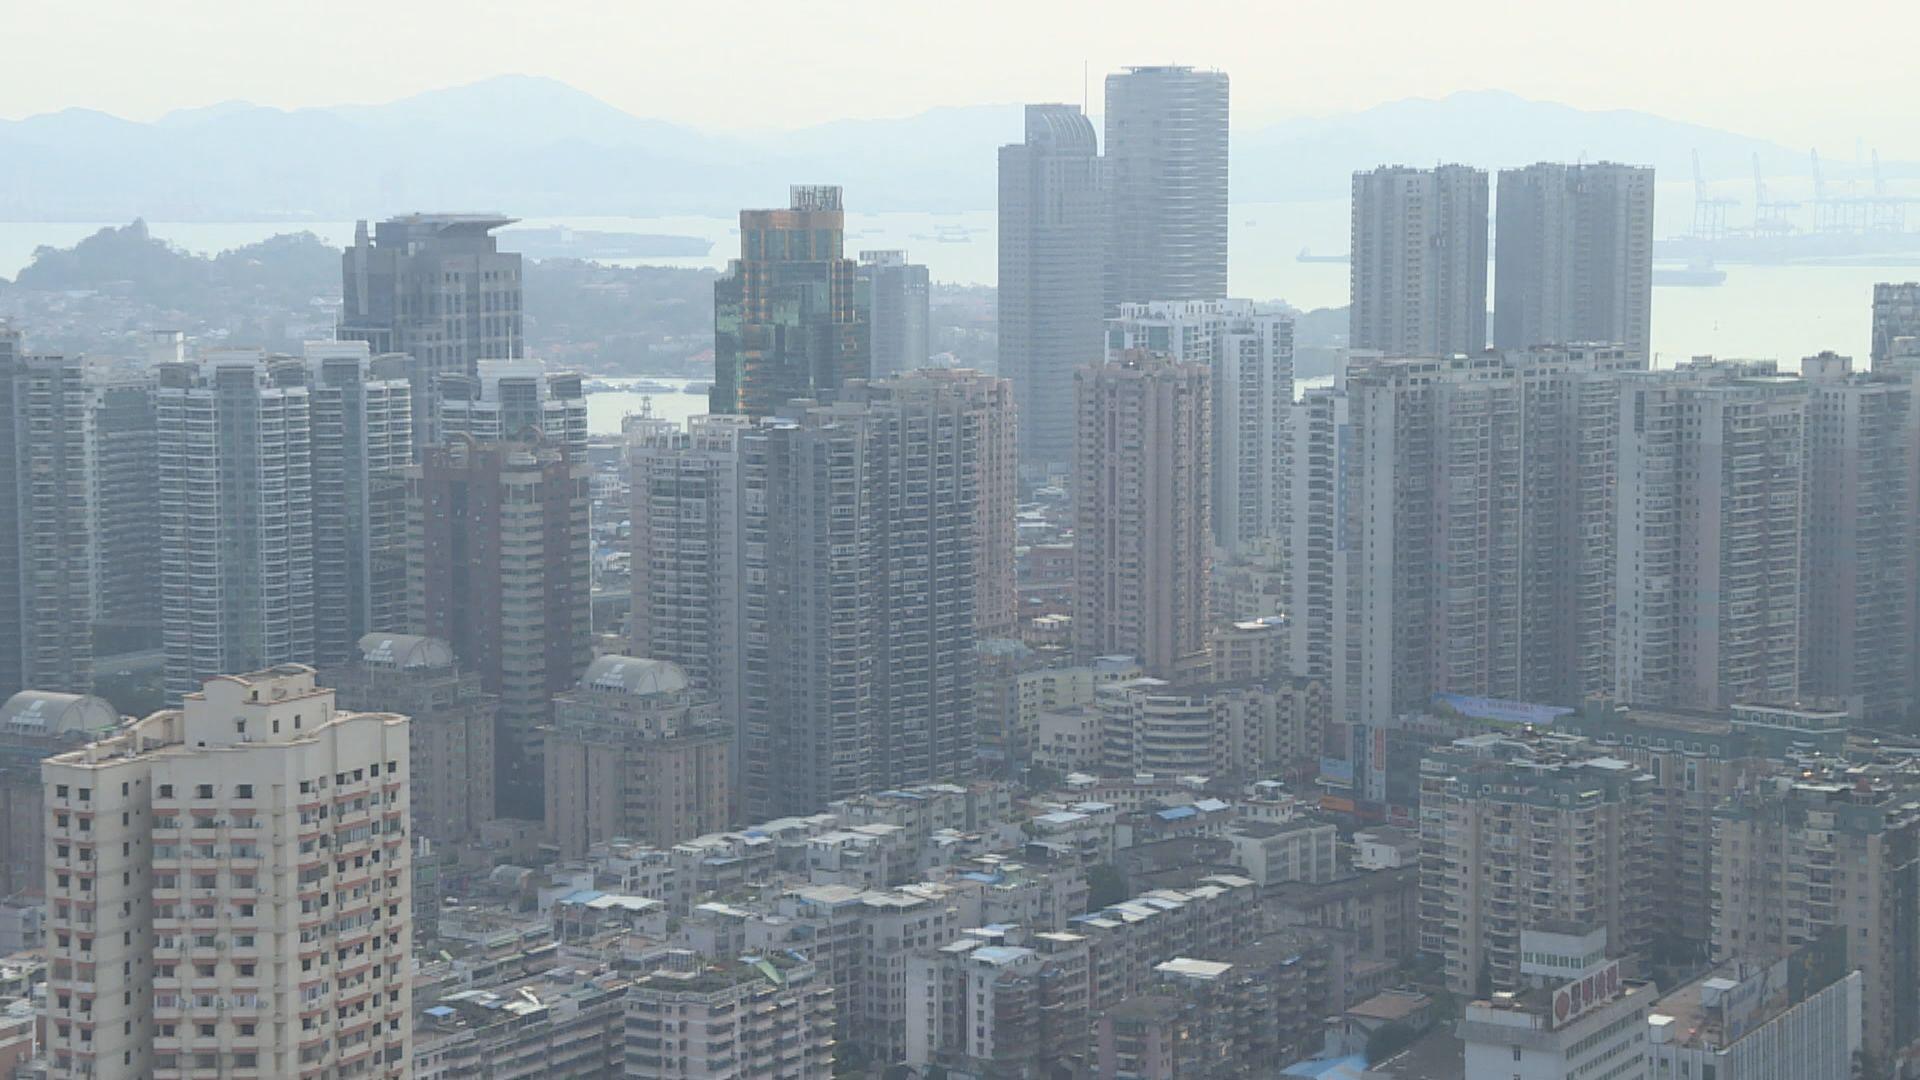 【調控鬆綁】傳廣州將放寬住宅限價政策